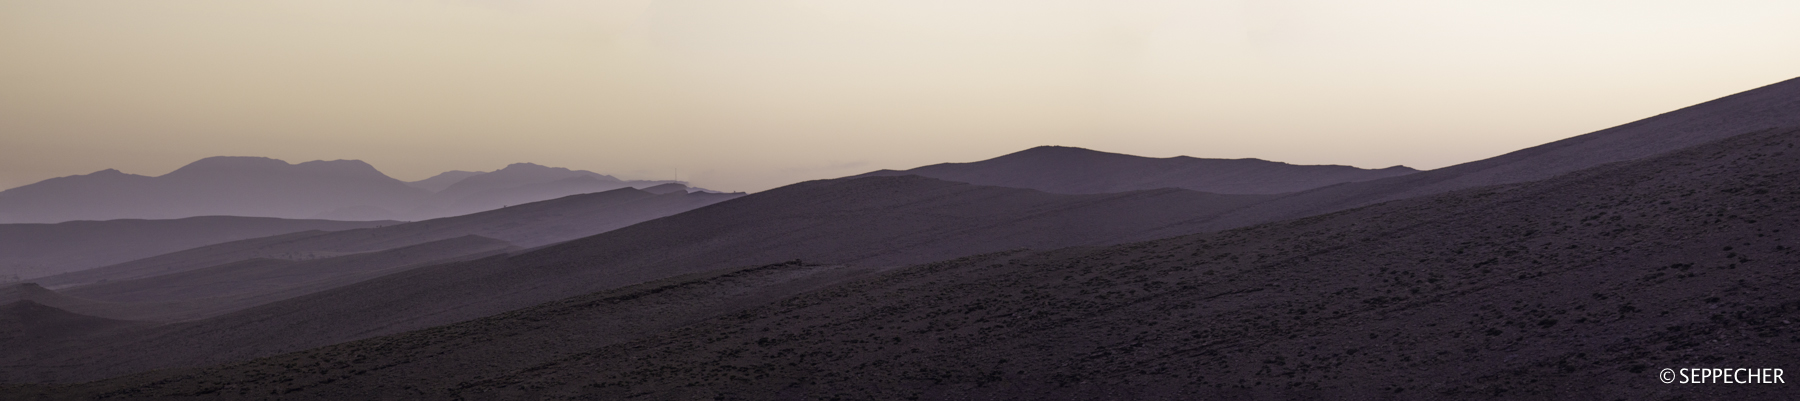 Lueur du jour sur les premières montagnes.